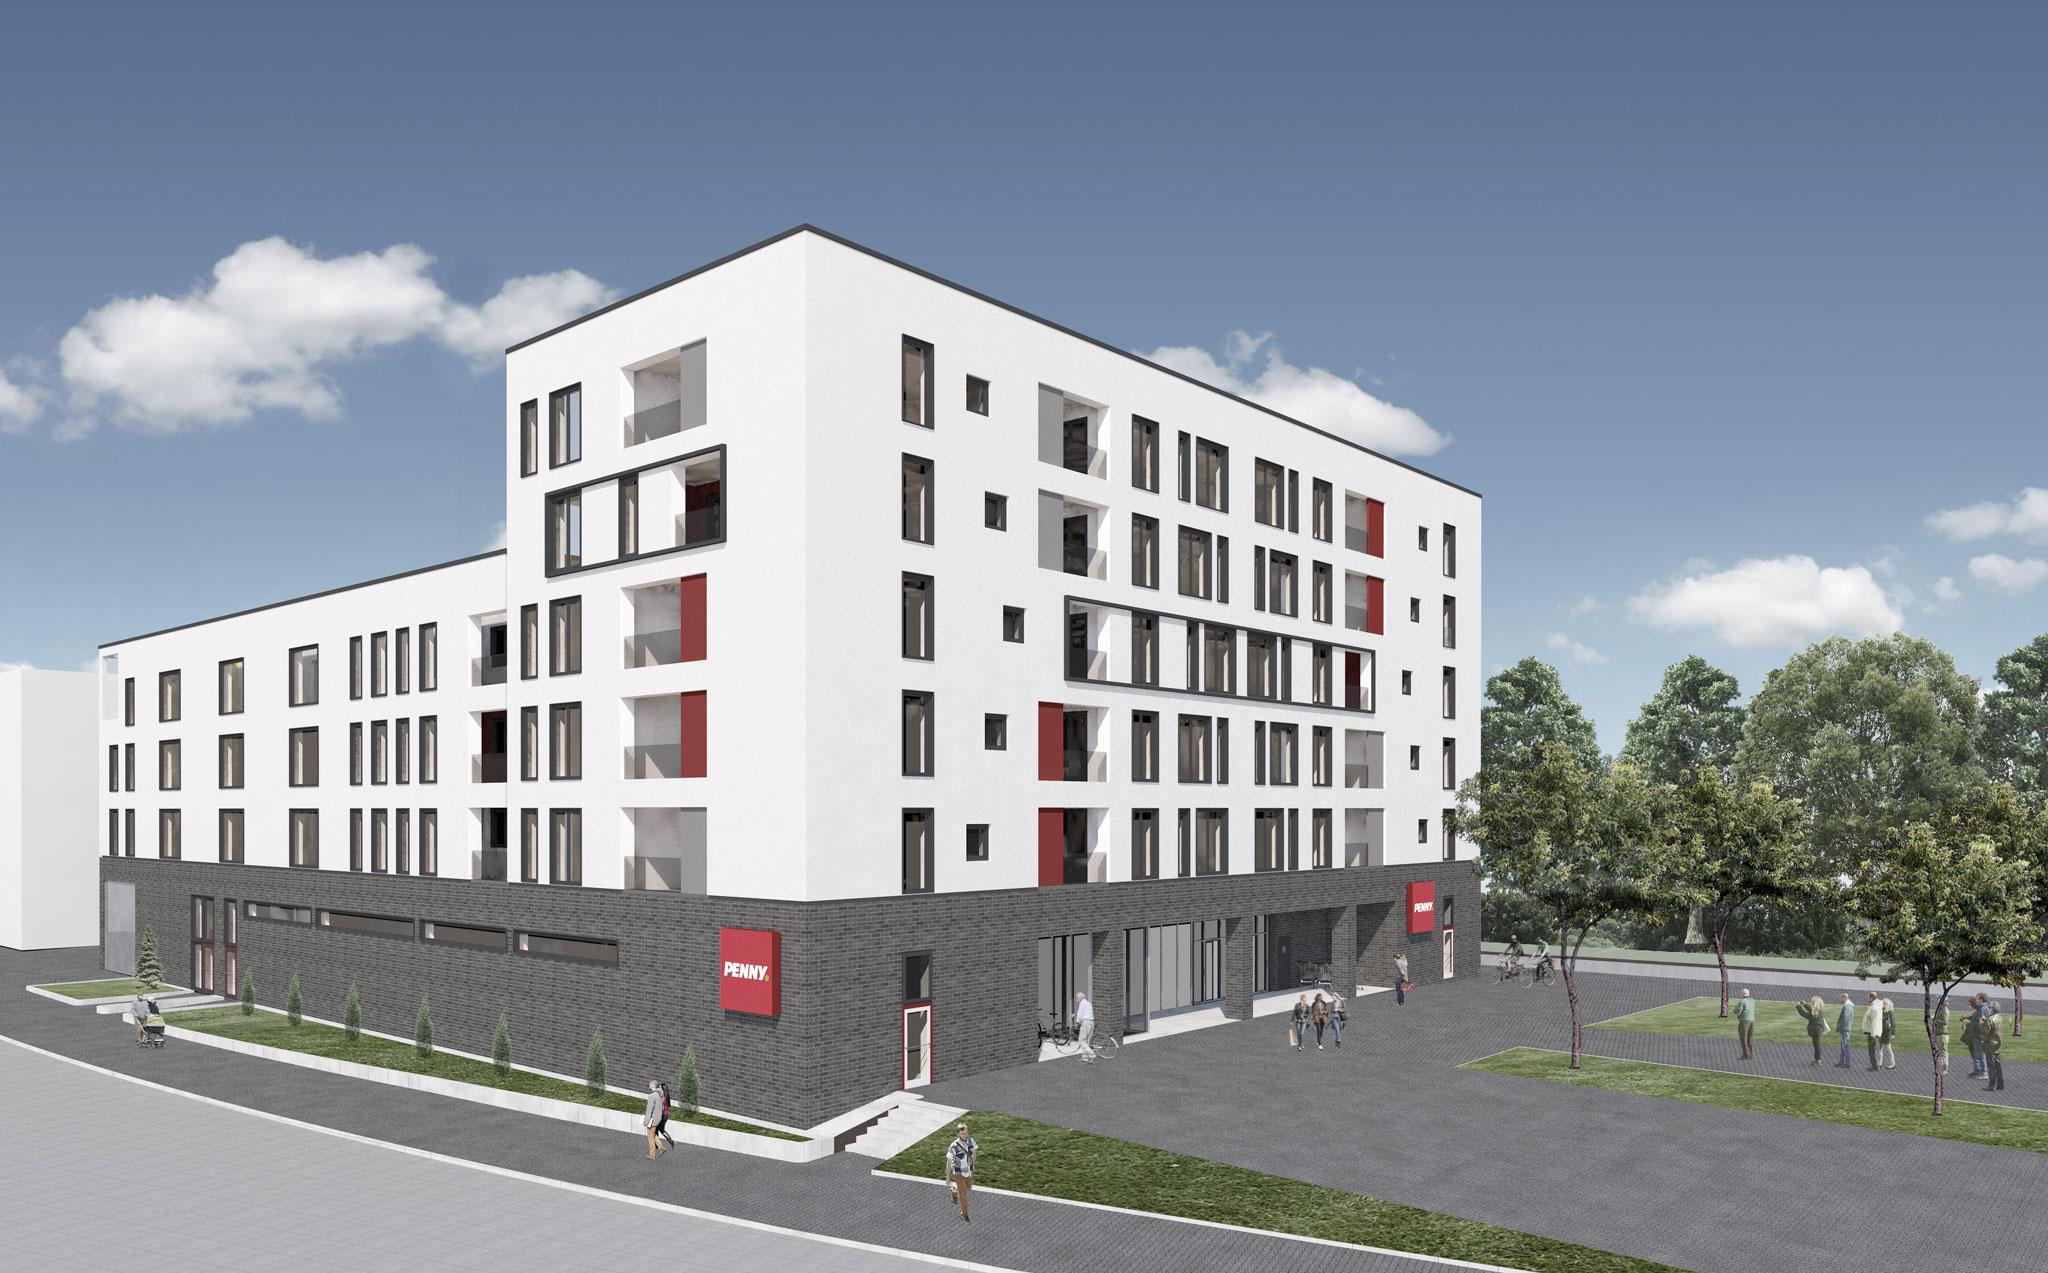 Wohn- und Geschäftshaus mit Tiefgarage Reislinger Straße, Wolfsburg